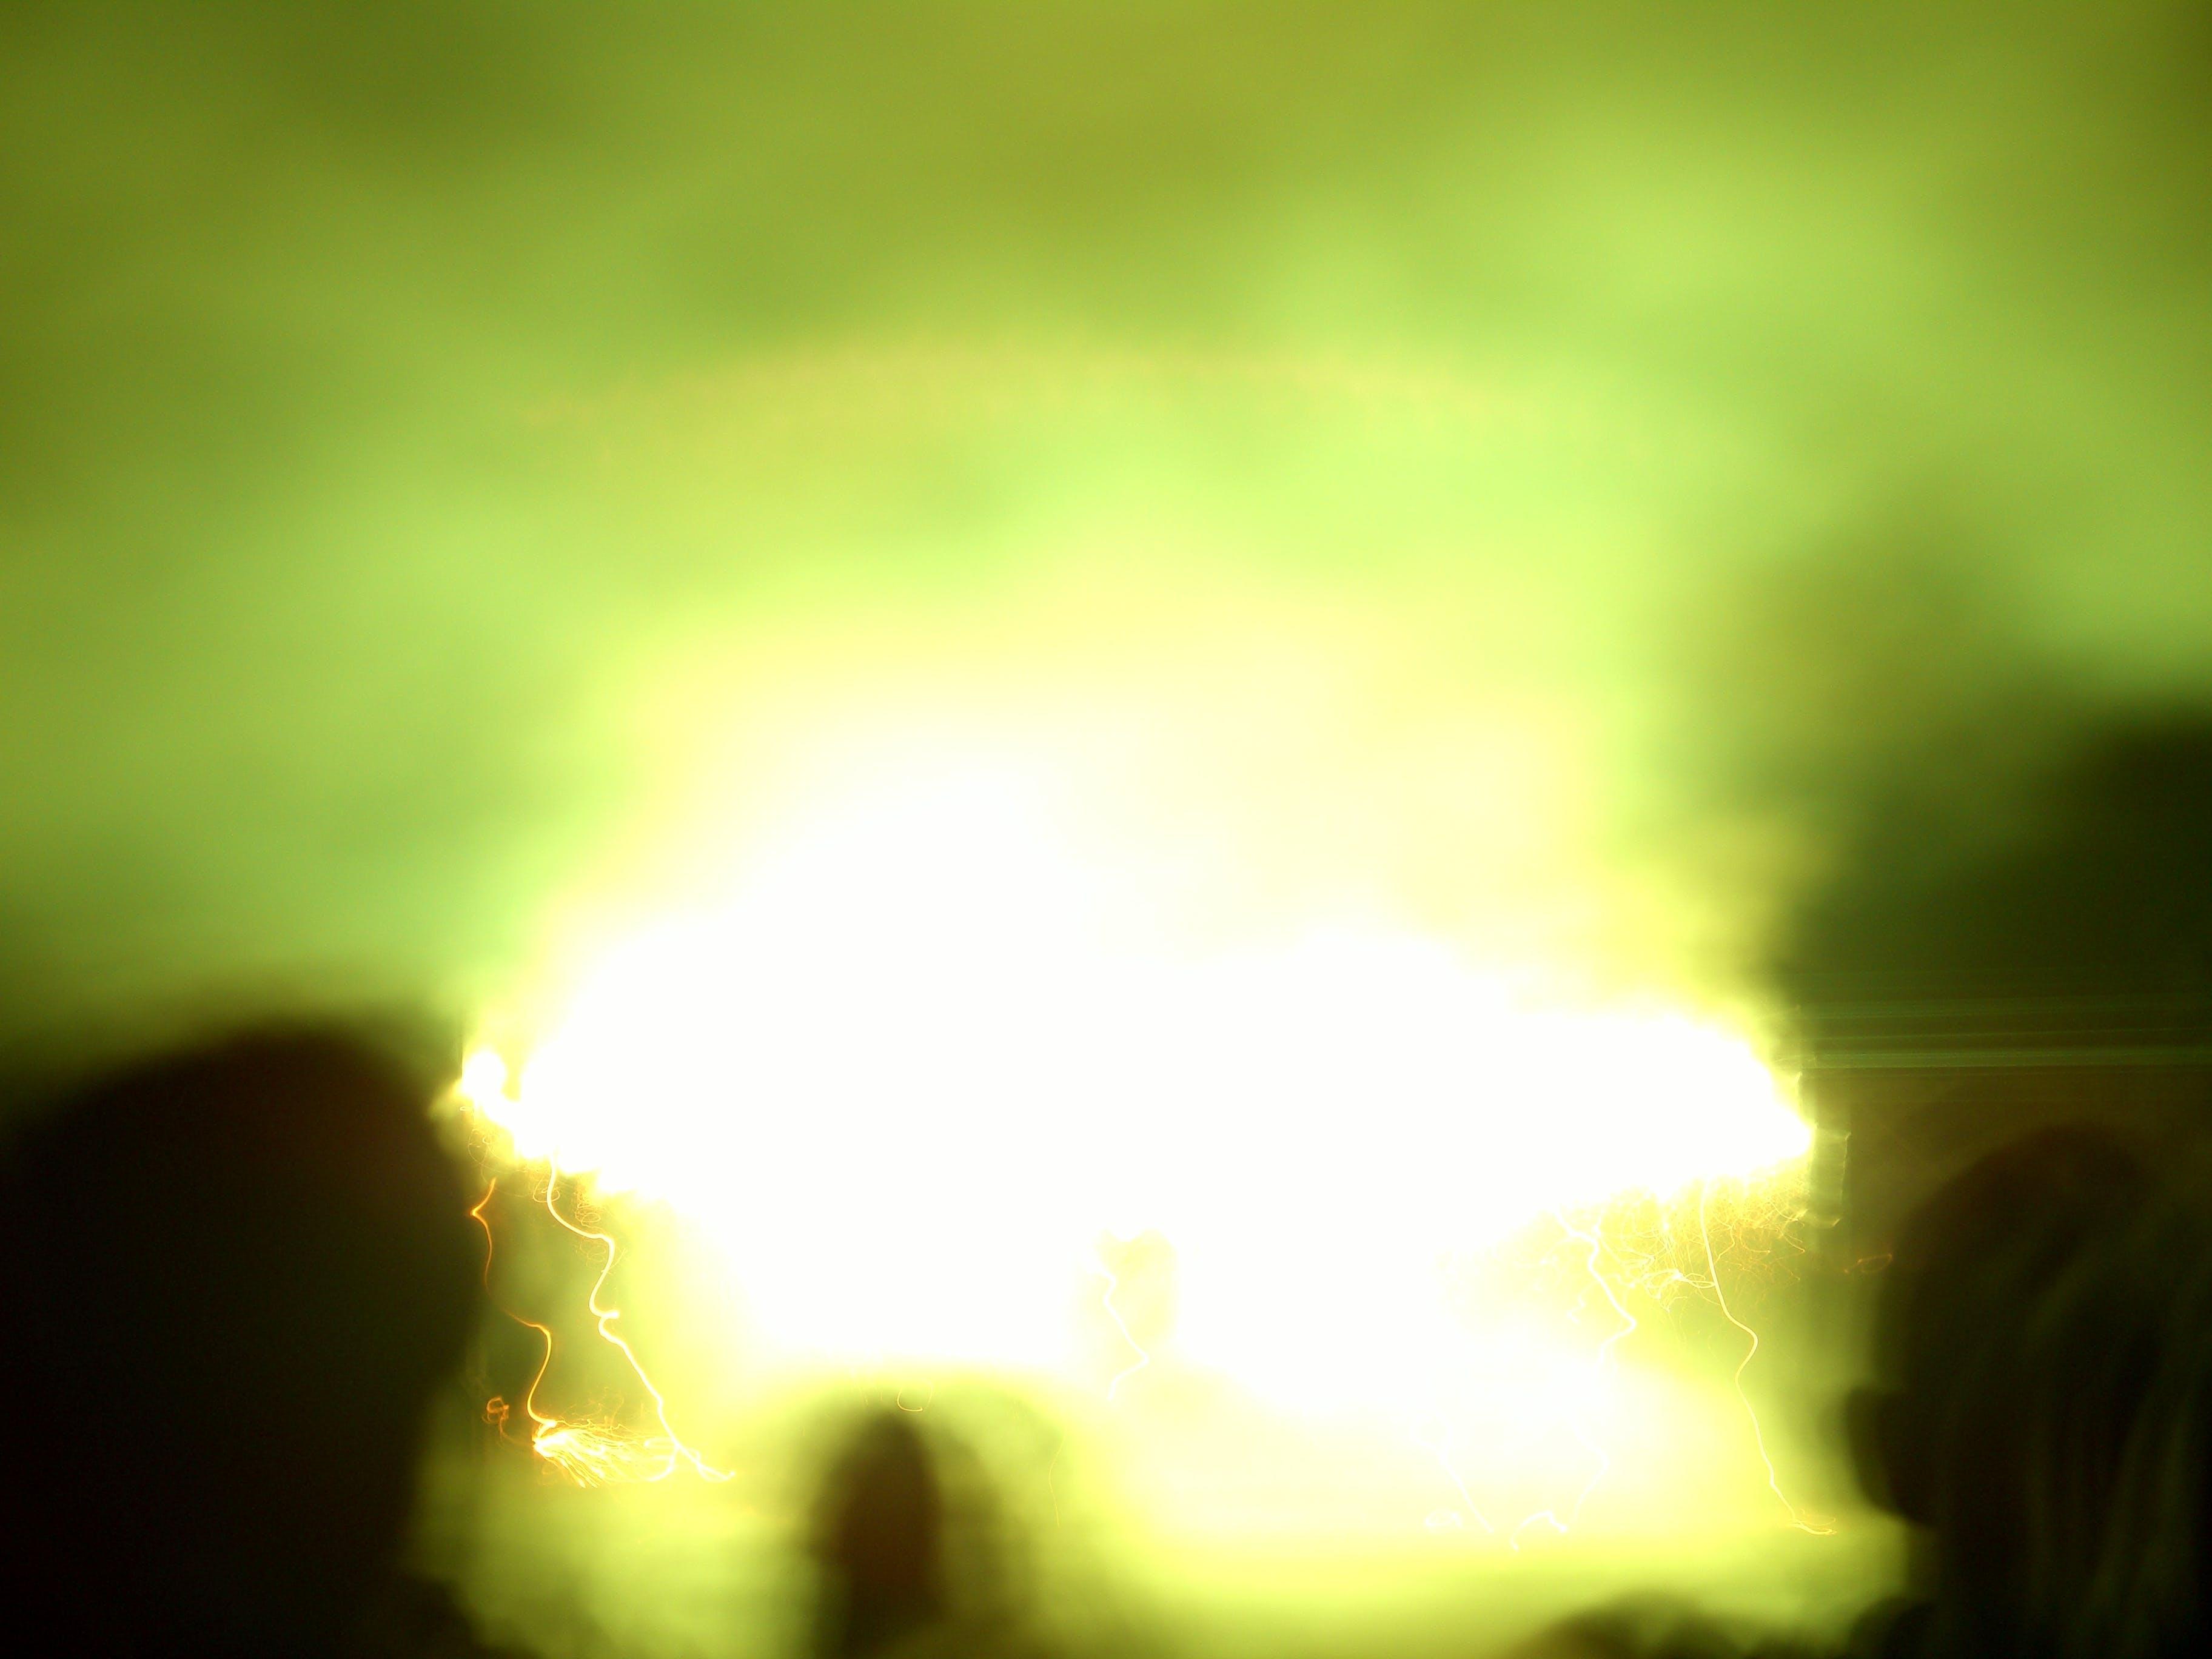 Бесплатное стоковое фото с фейерверки, яркий